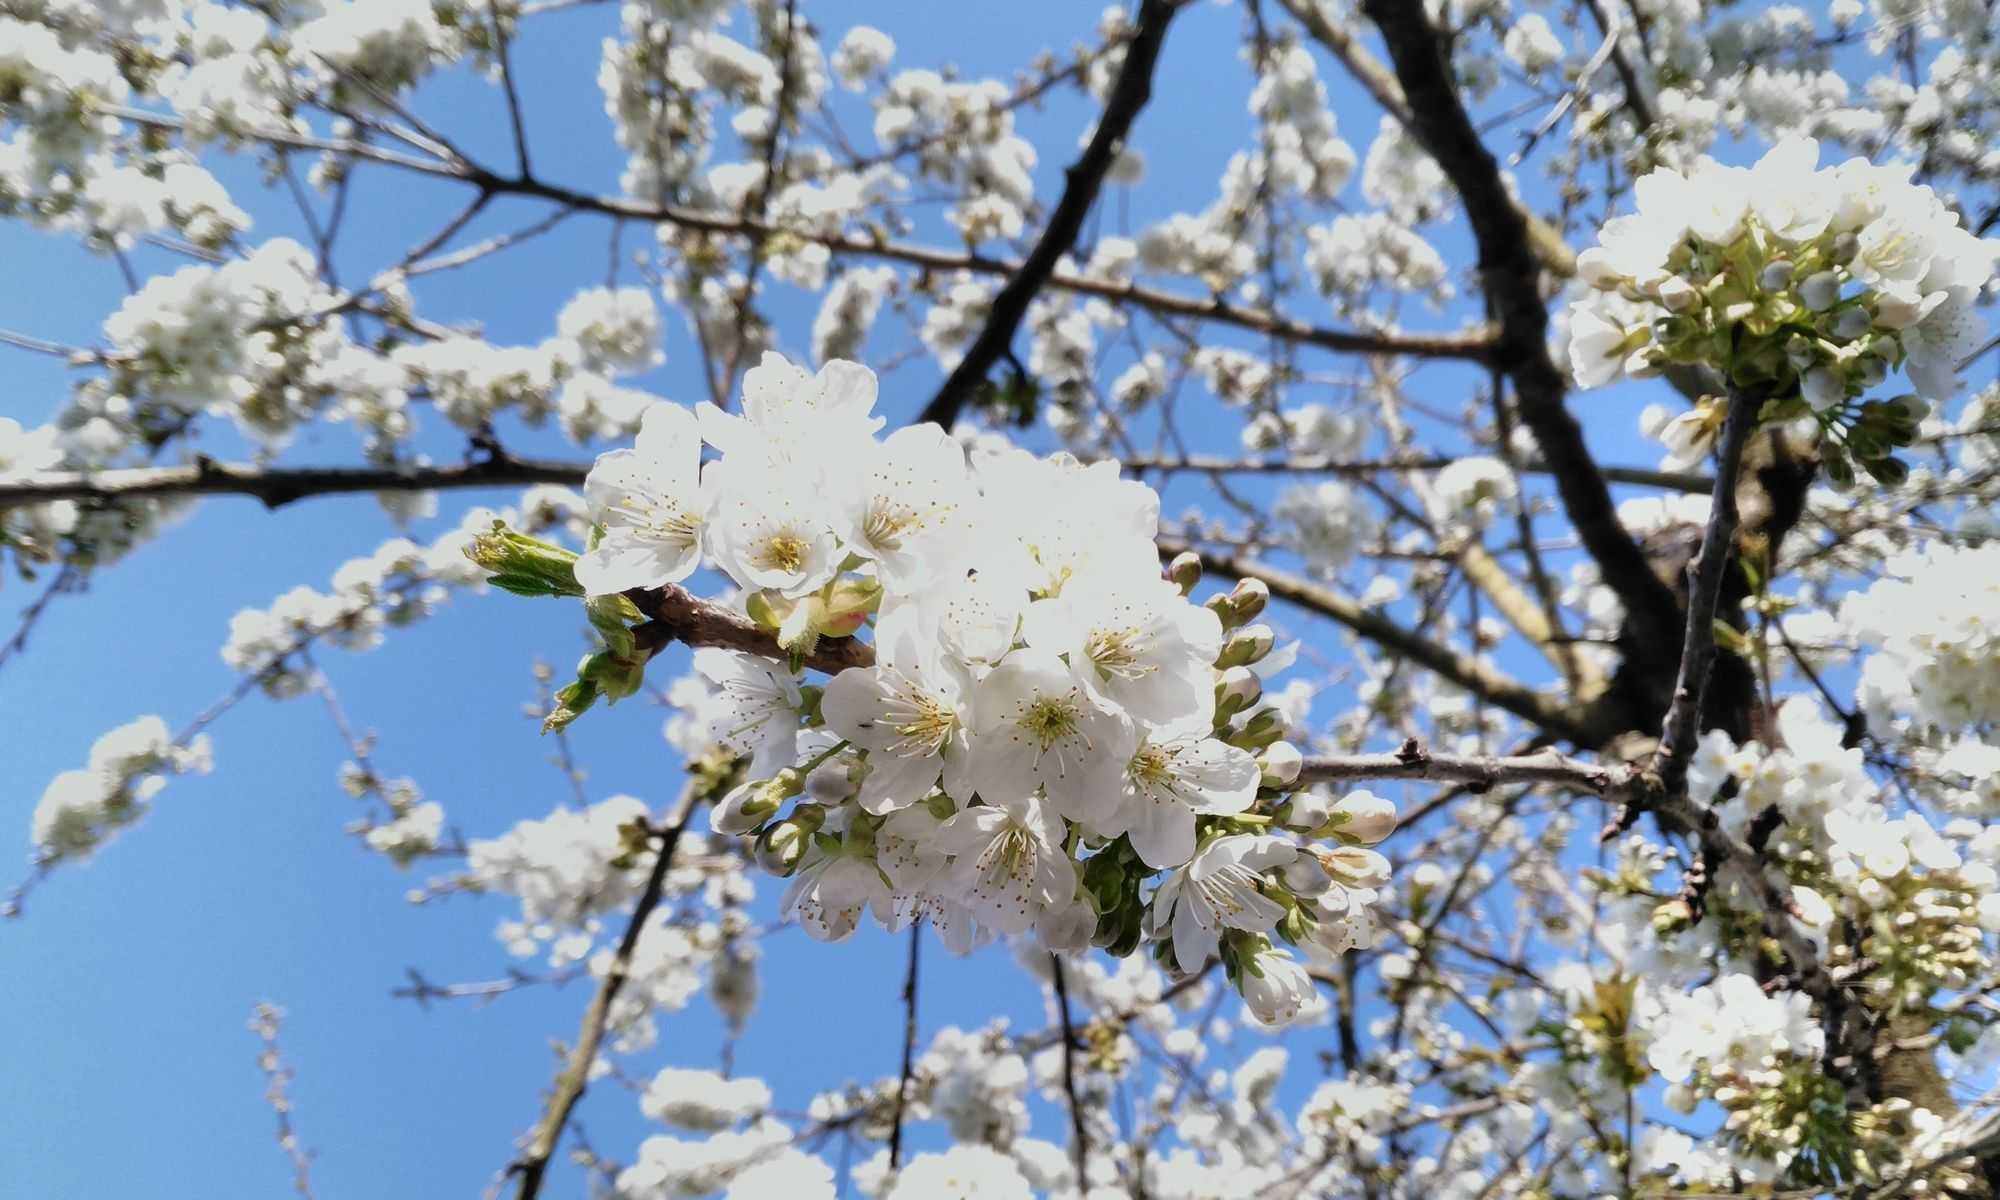 cerisier printemps fleurs abondantes epanouies fecondite